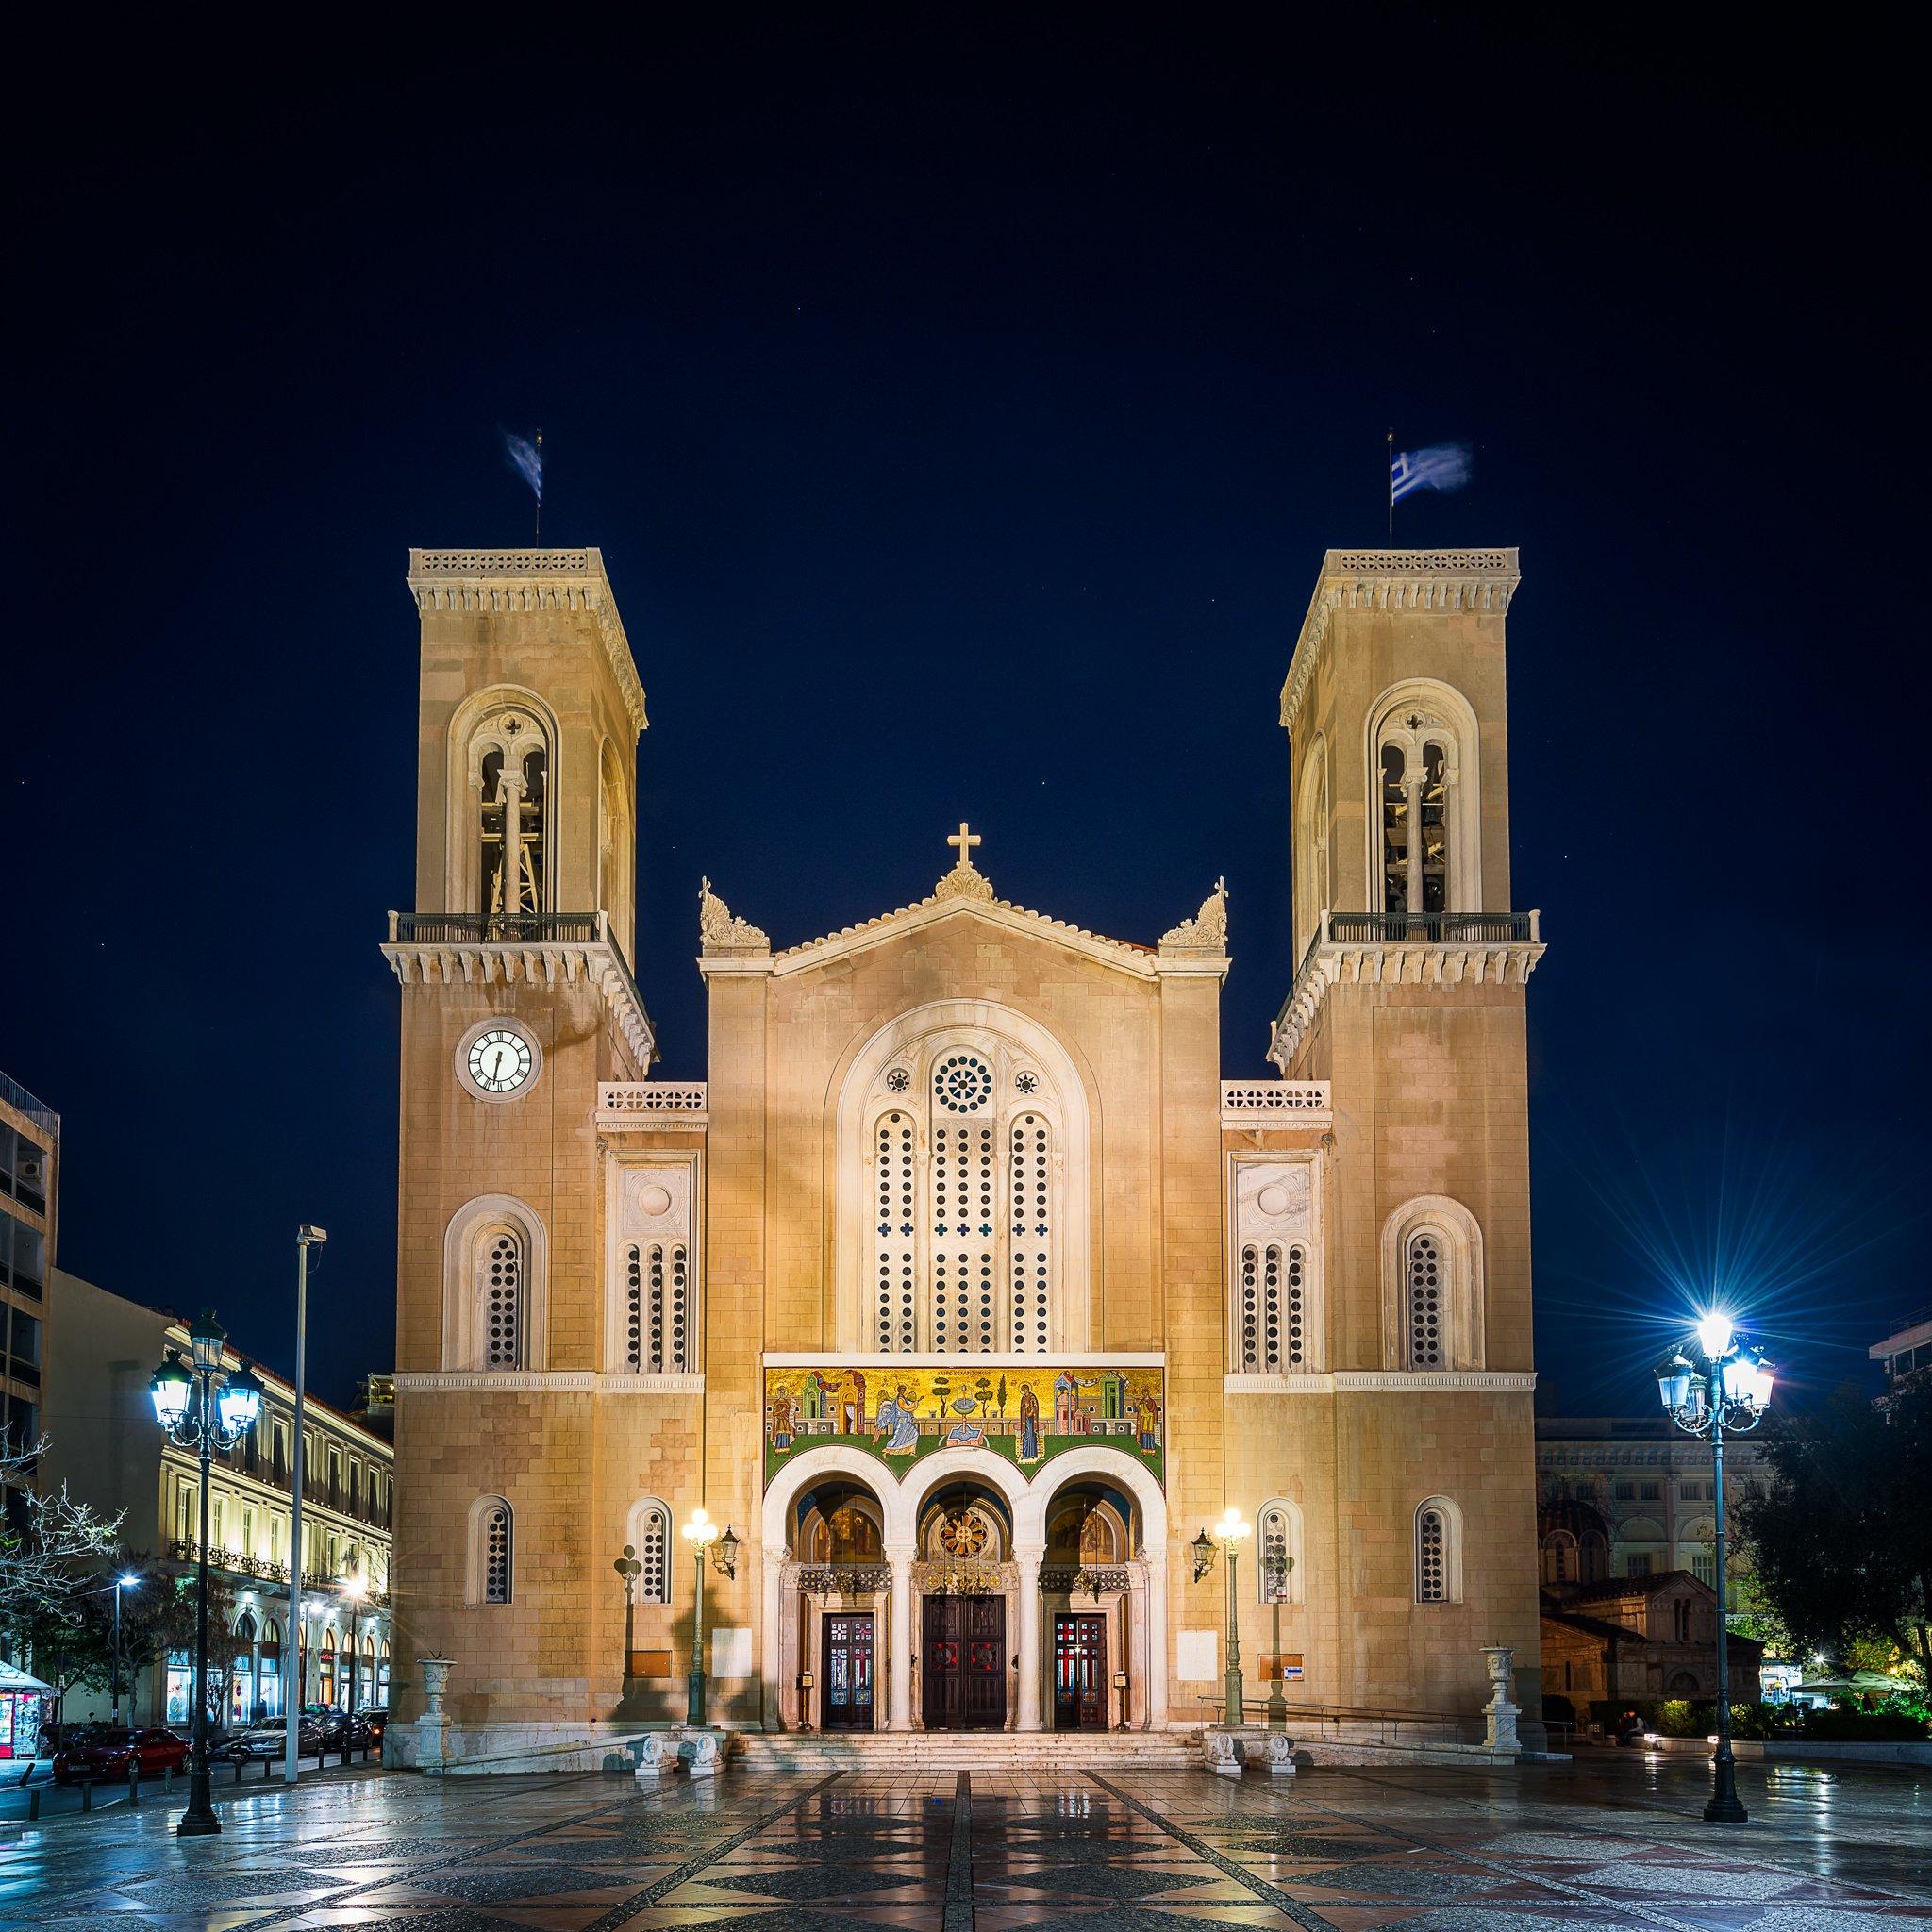 Ein wundervolles Bild der Kathedrale Mariä Verkündigung.